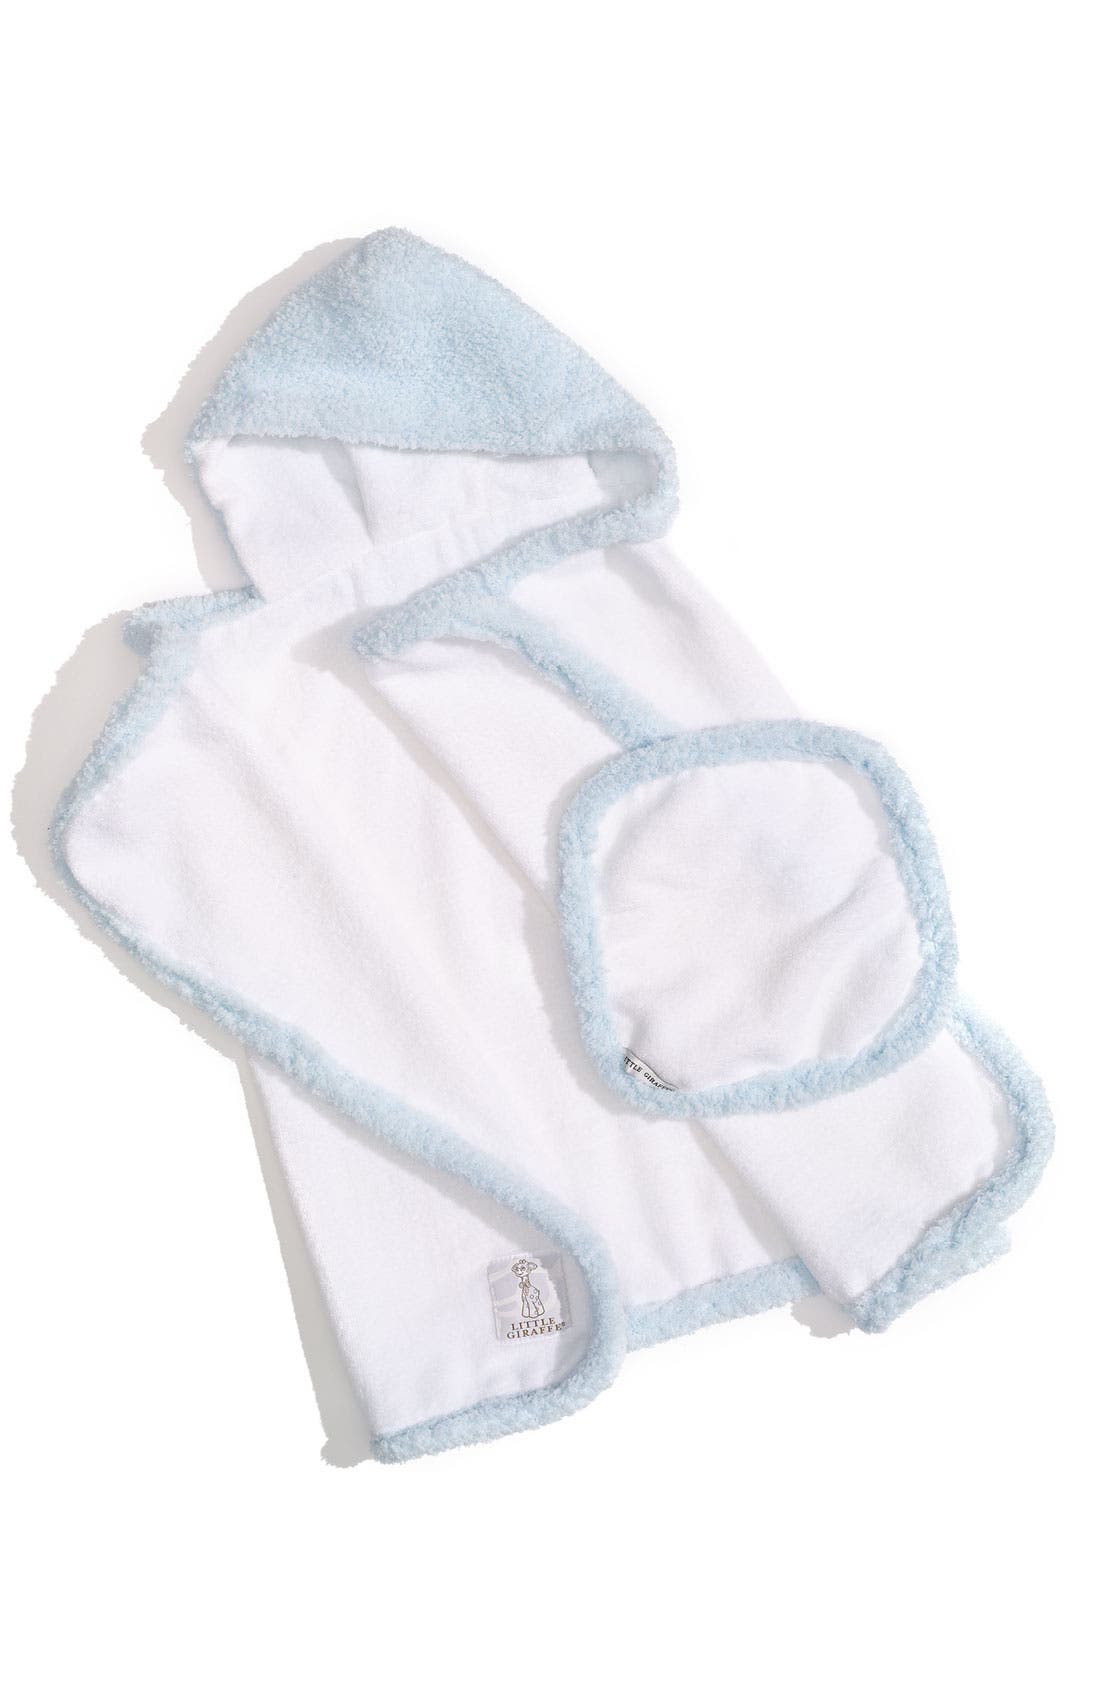 Towel & Washcloth Set,                             Main thumbnail 1, color,                             400